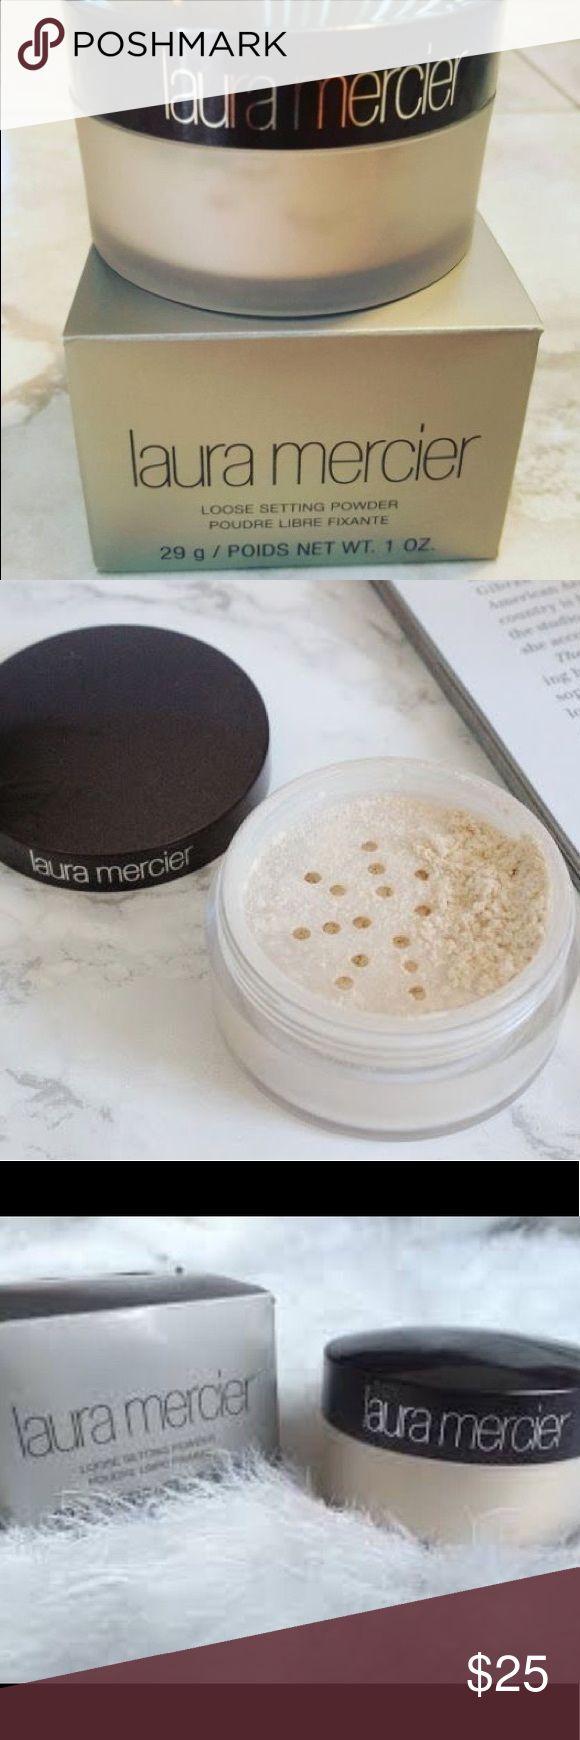 Laura mercier translucent powder Laura mercier translucent powder brand new laura mercier Makeup Face Powder